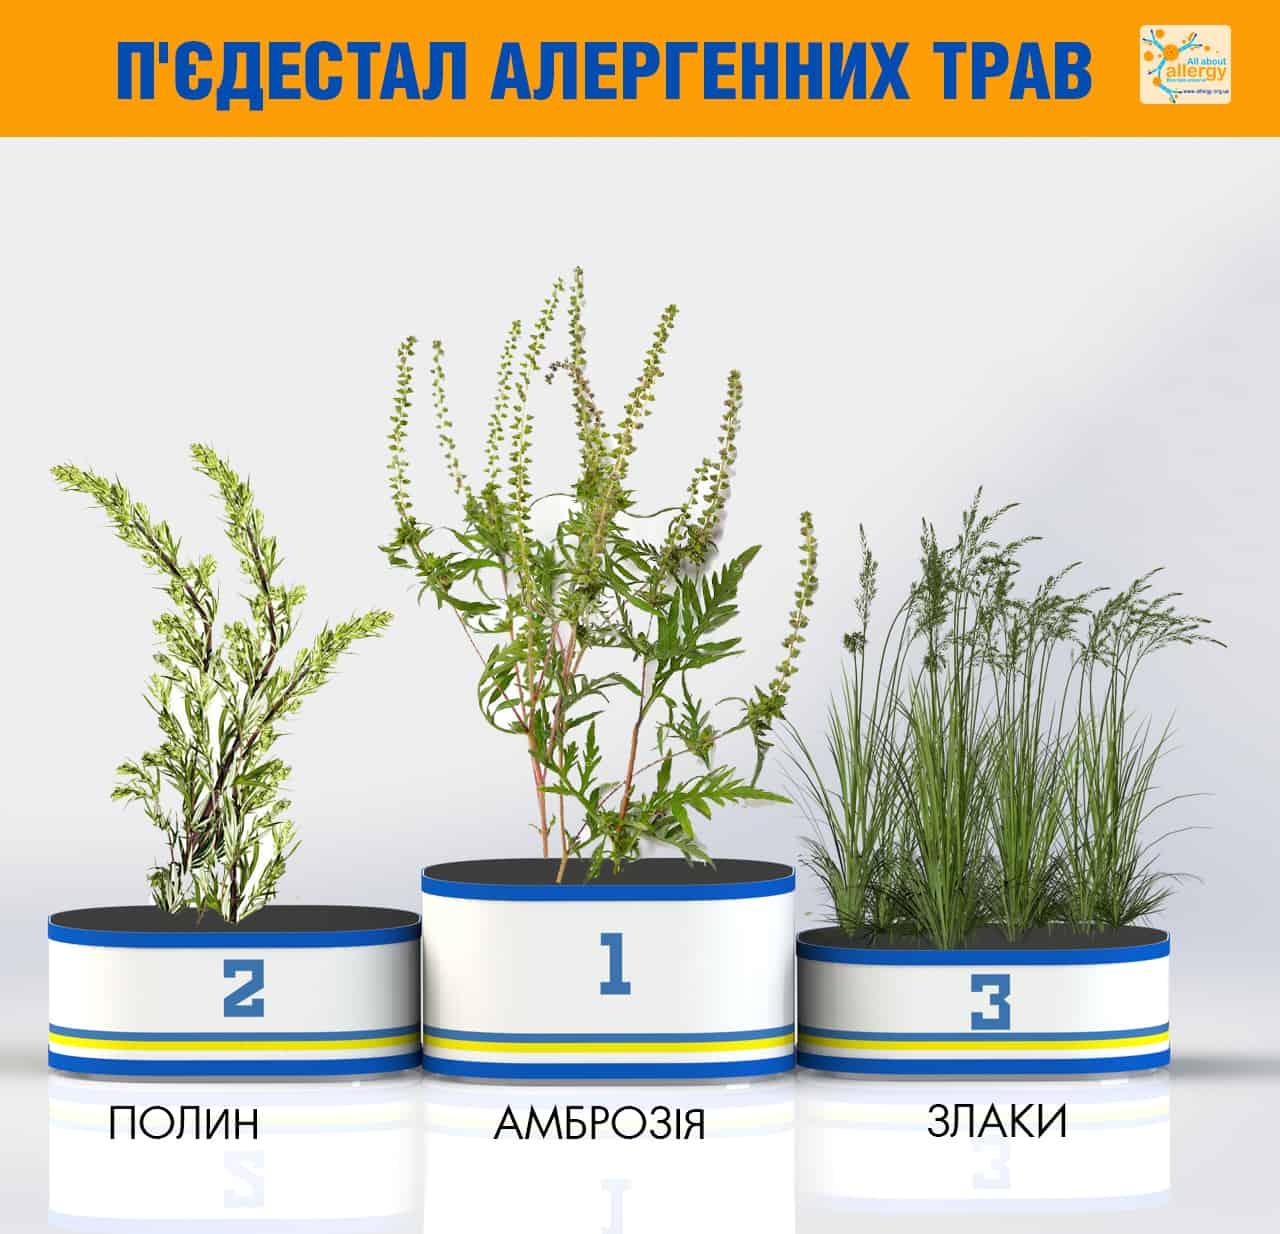 Аллергія на траву − найпоширеніші алергени